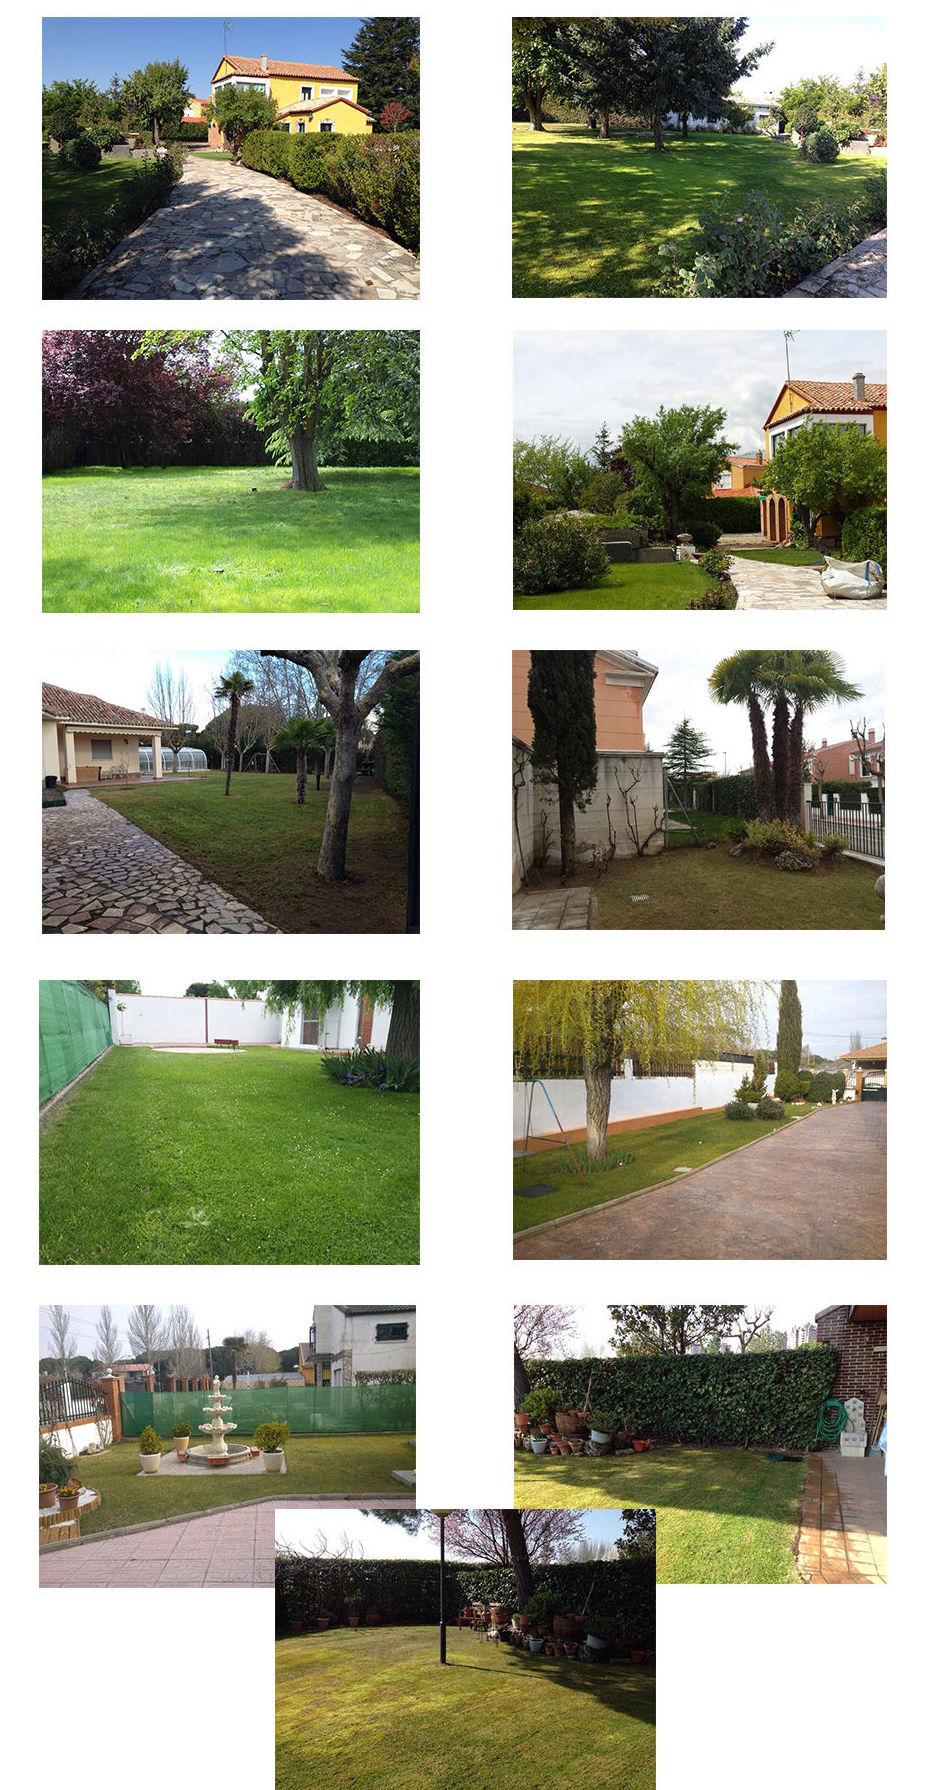 Foto 1 de Limpieza (empresas) en  | Jardinería y Limpieza Res, S.L.